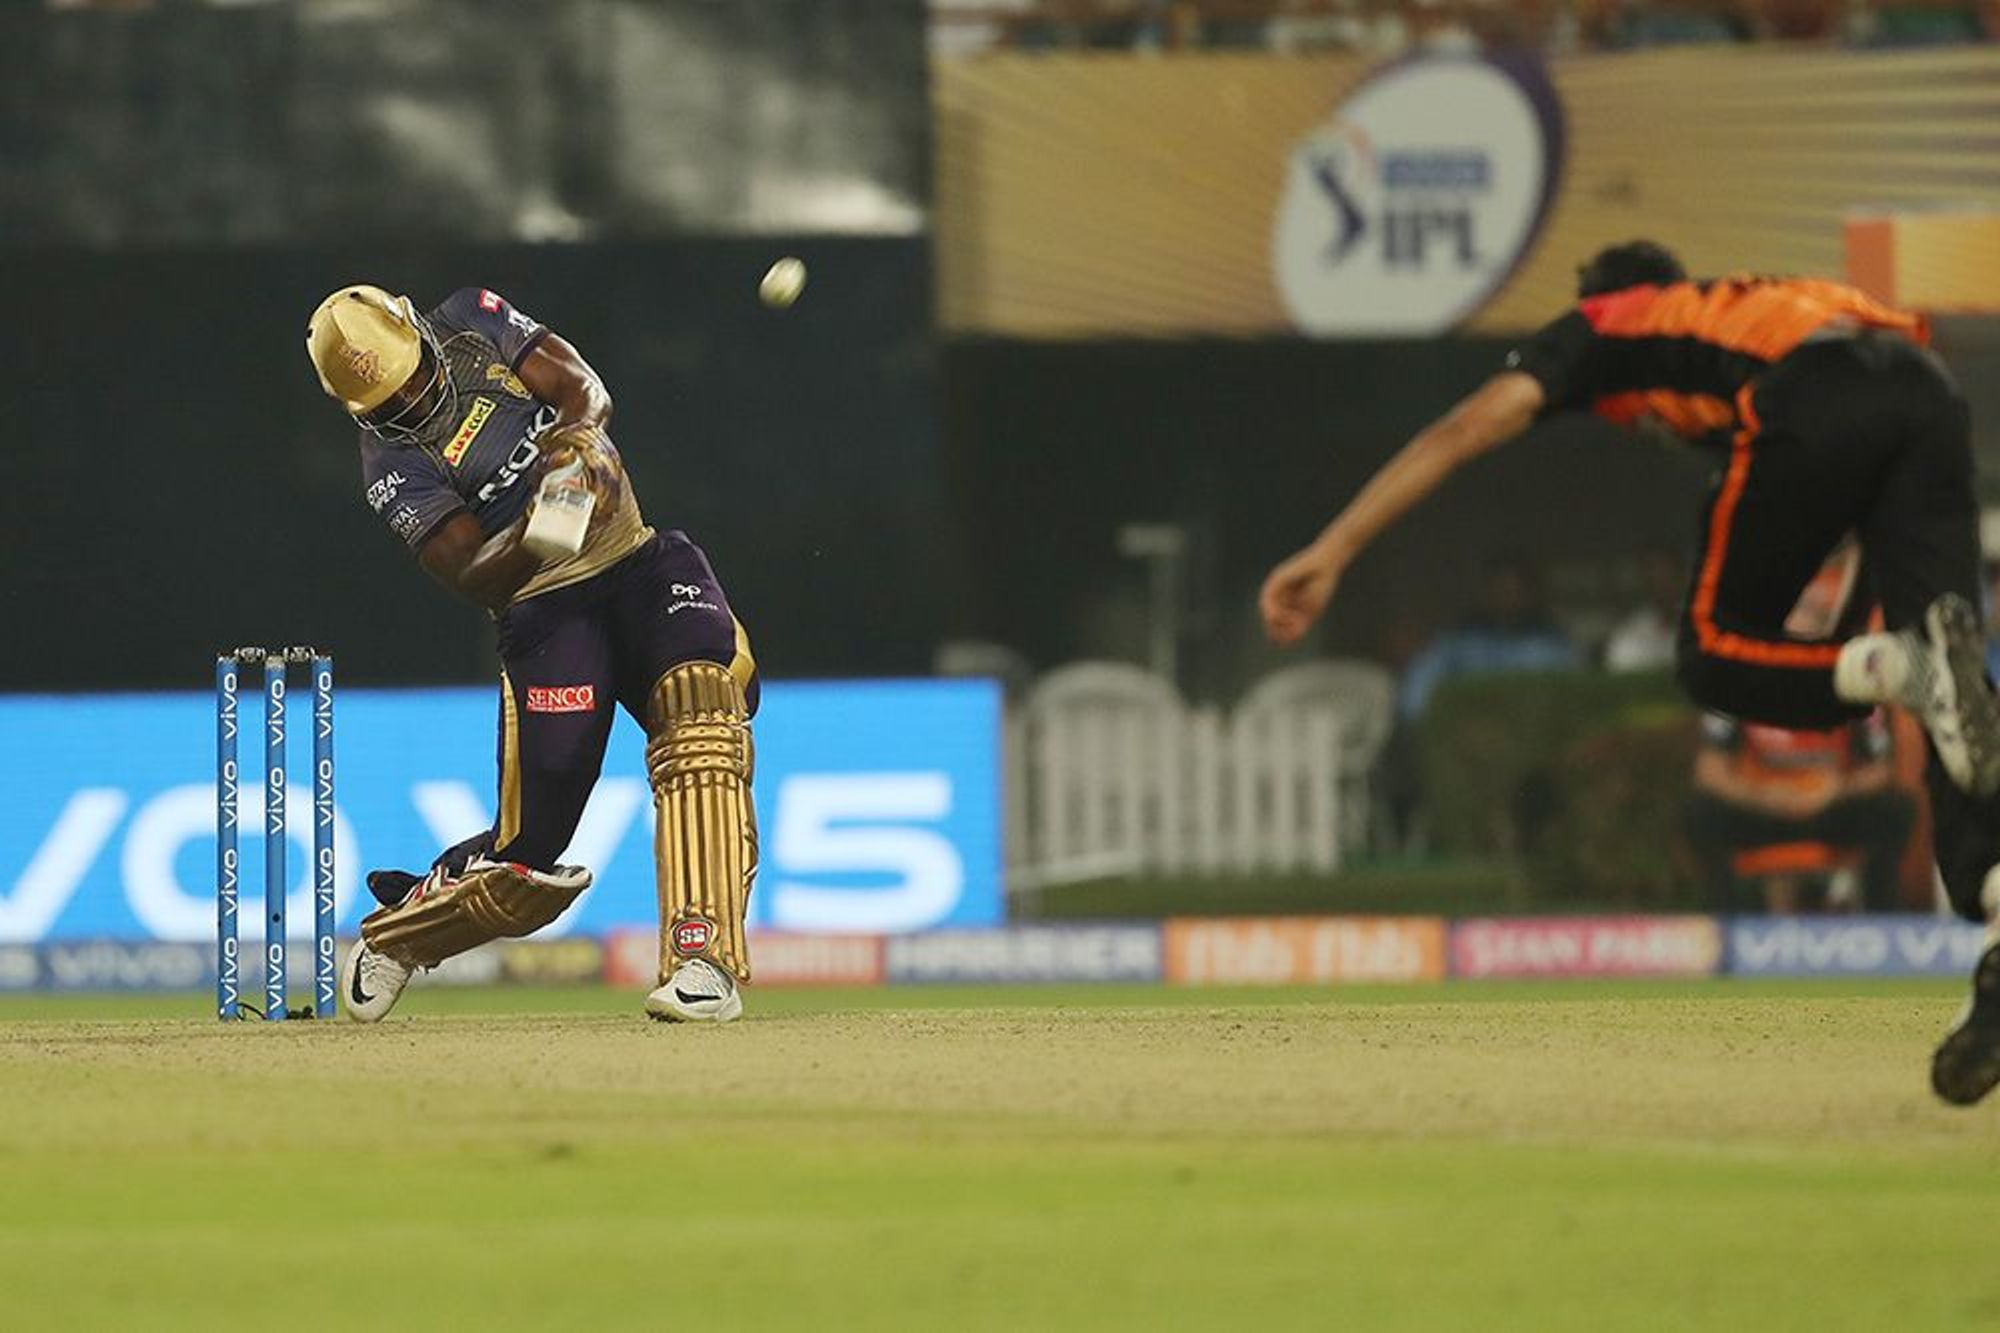 कोलकाता नाइट राइडर्स के यह दो दिग्गज खिलाड़ी भी छोड़ सकते हैं टीम का साथ 22